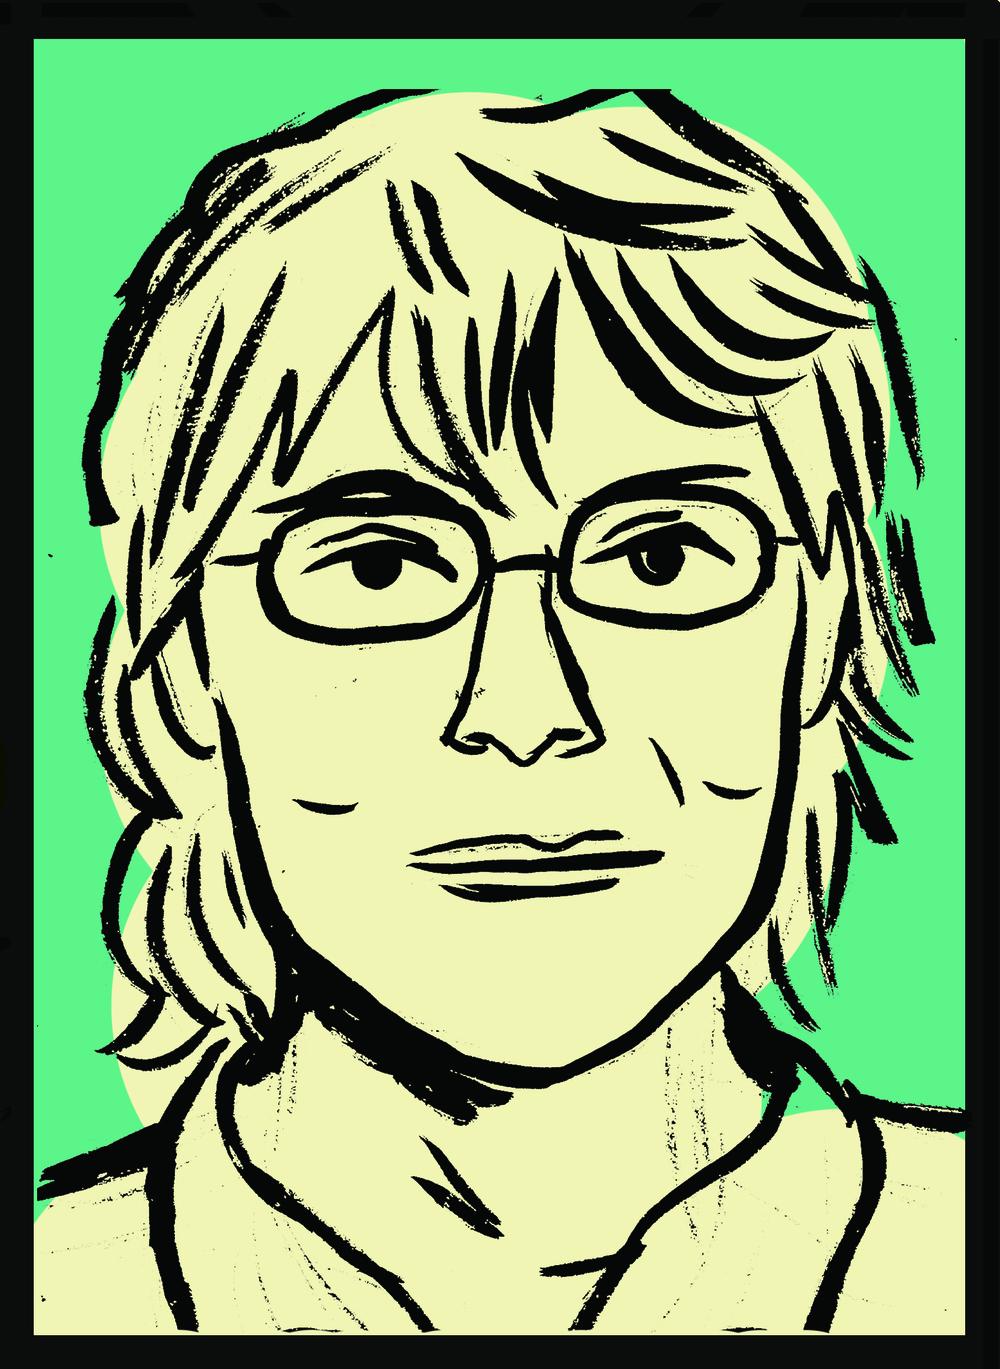 Vilma Arêas, militante histórica da esquerda nos anos 70